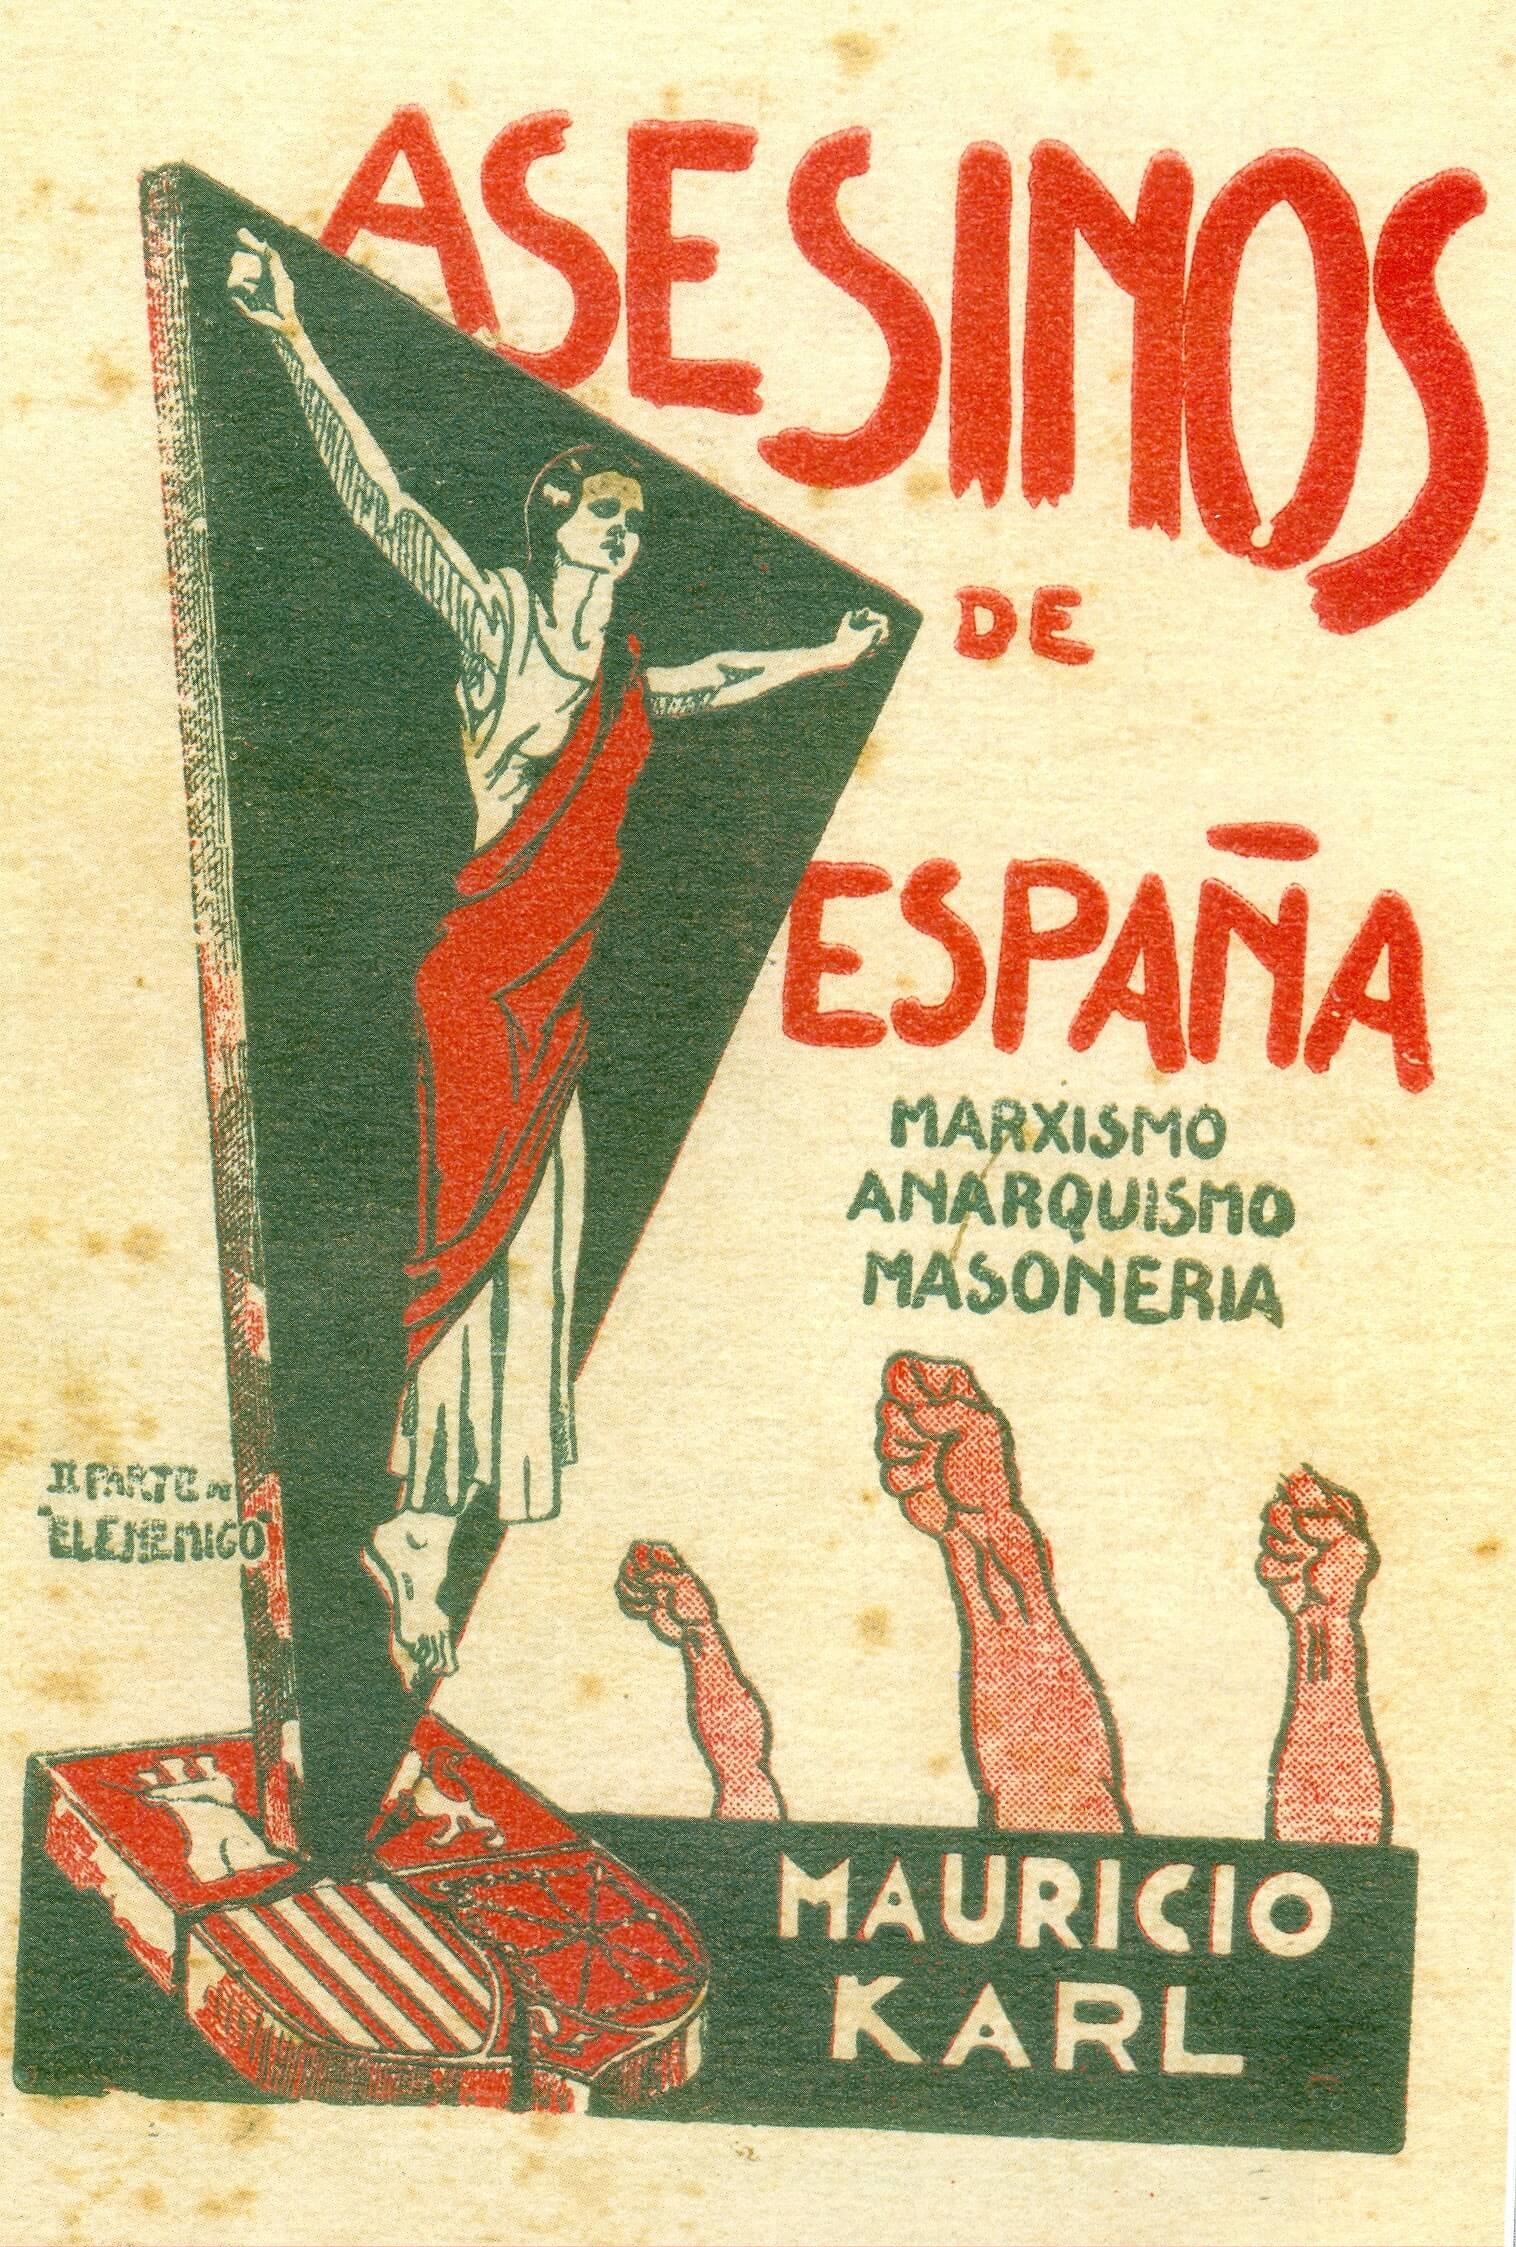 Cartel de la guerra civil española ASESINOS DE ESPAÑA